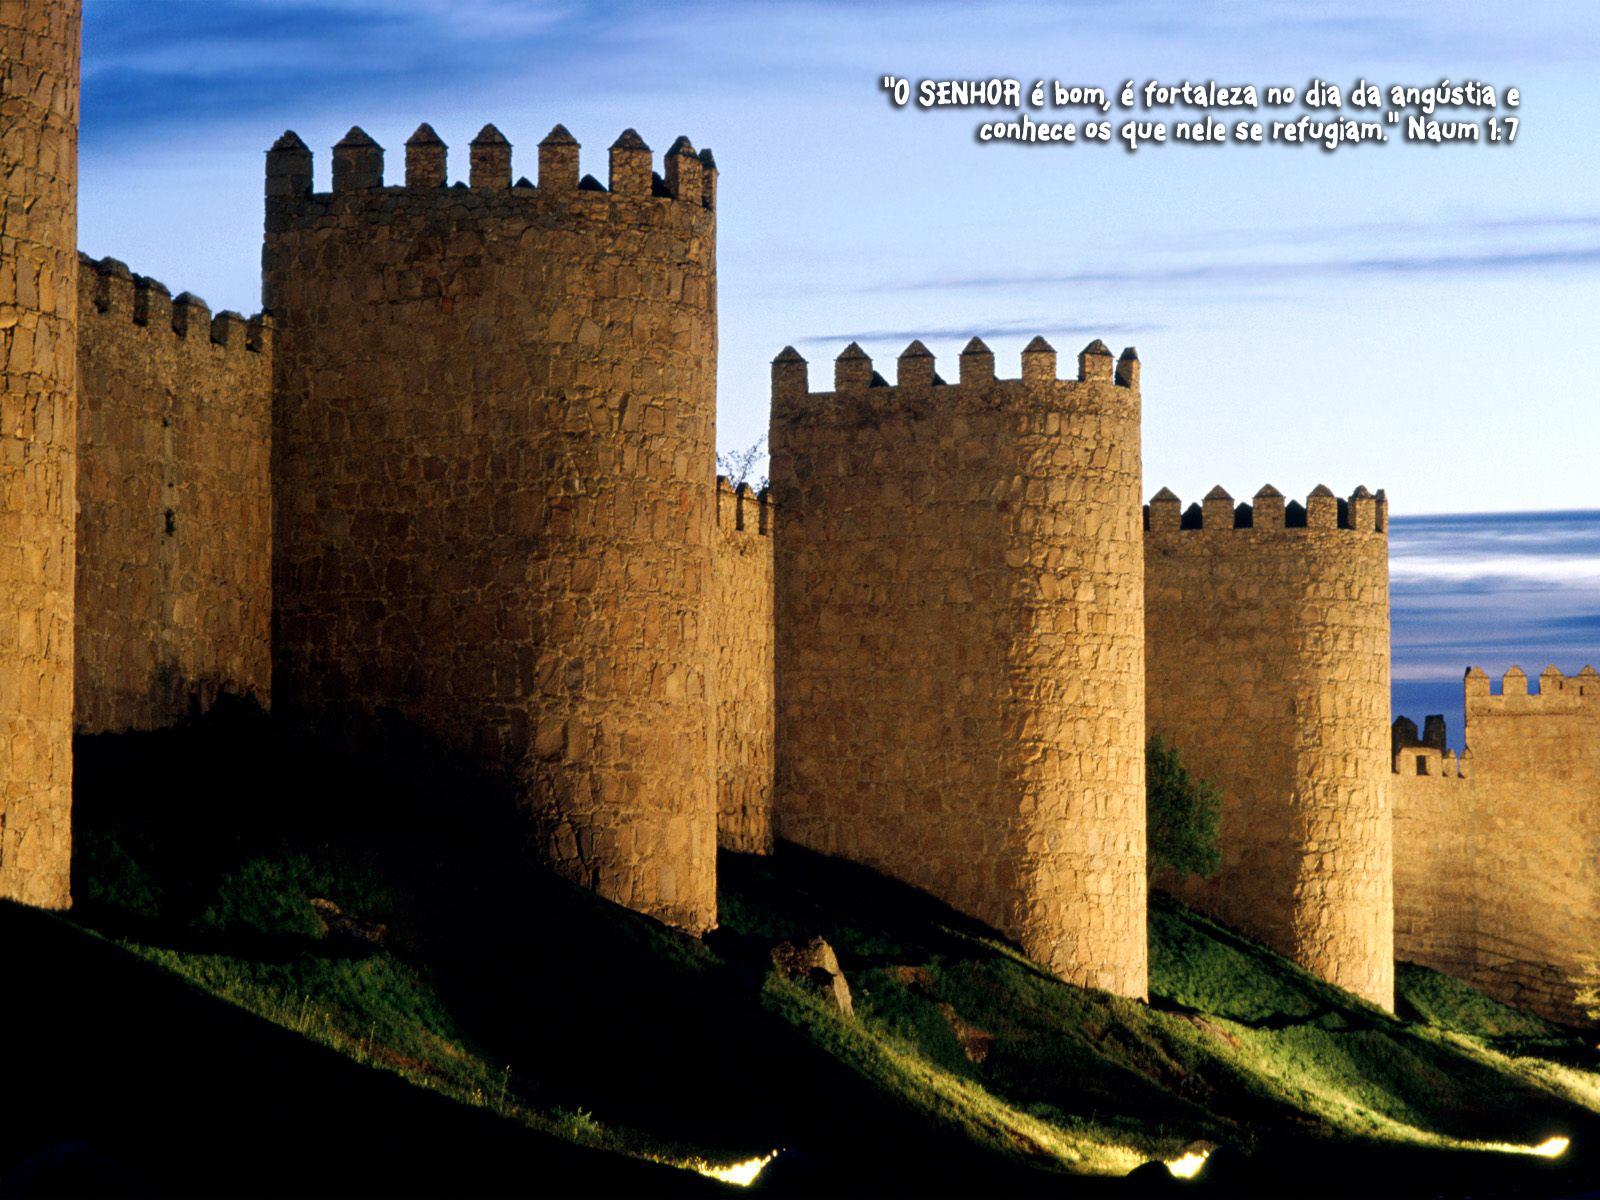 http://devocionaldiario.com.br/imagens/avila_castle.jpg